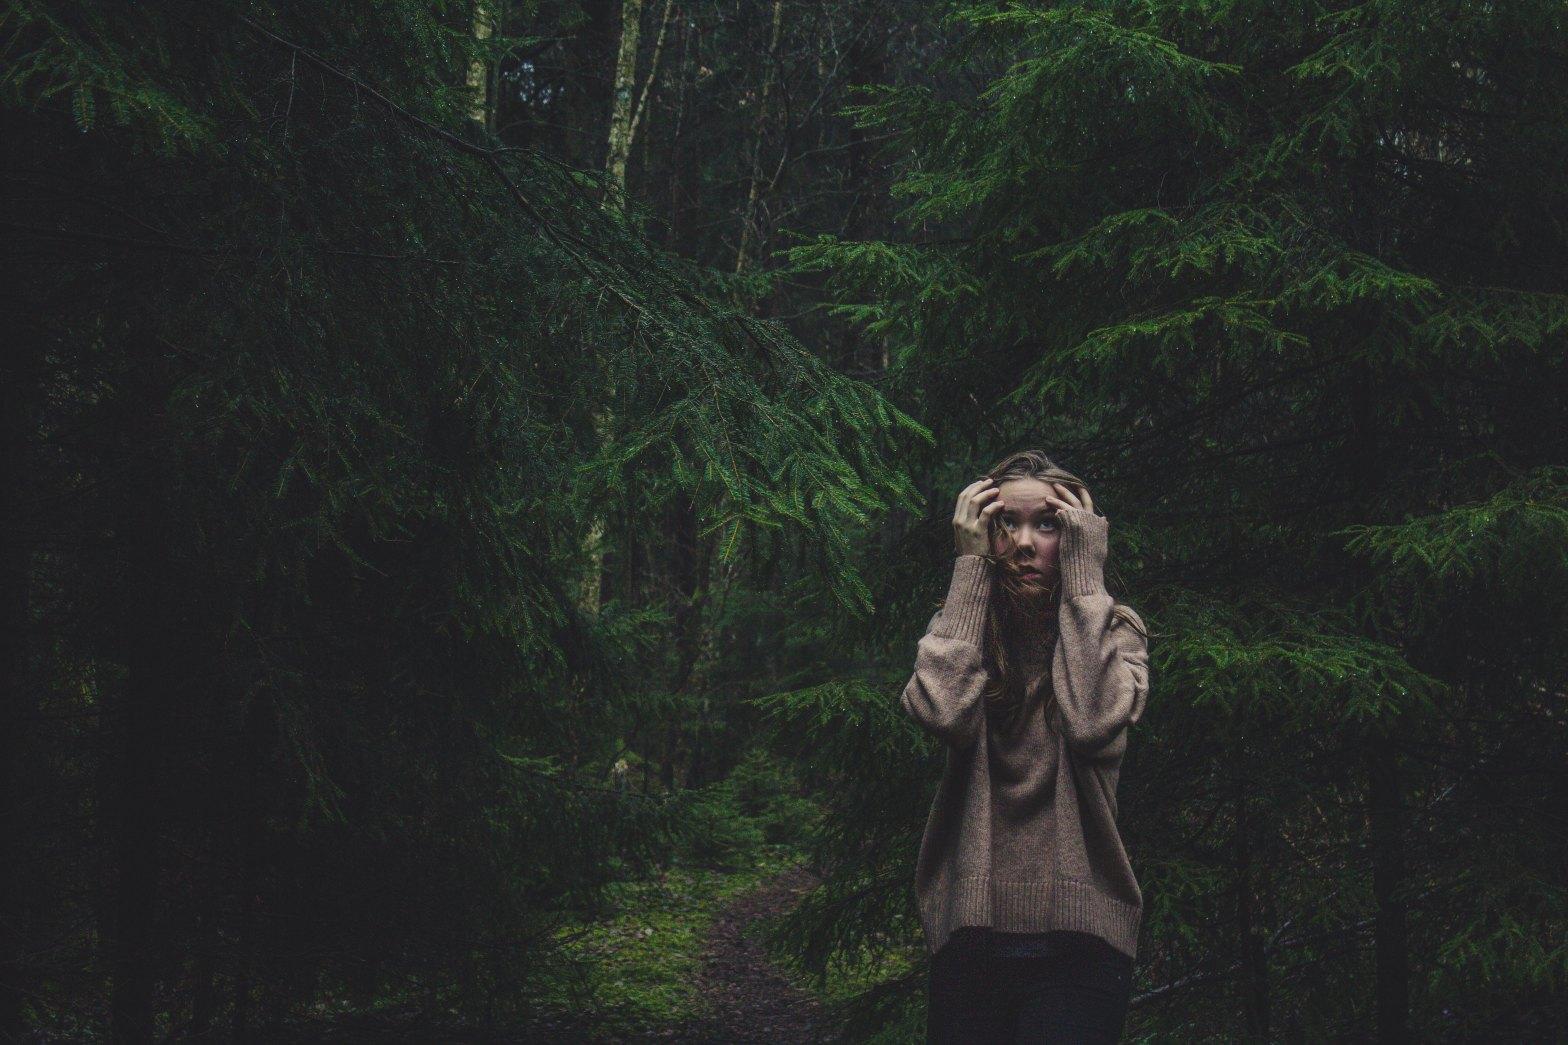 Photo by Maia Habegger on Unsplash